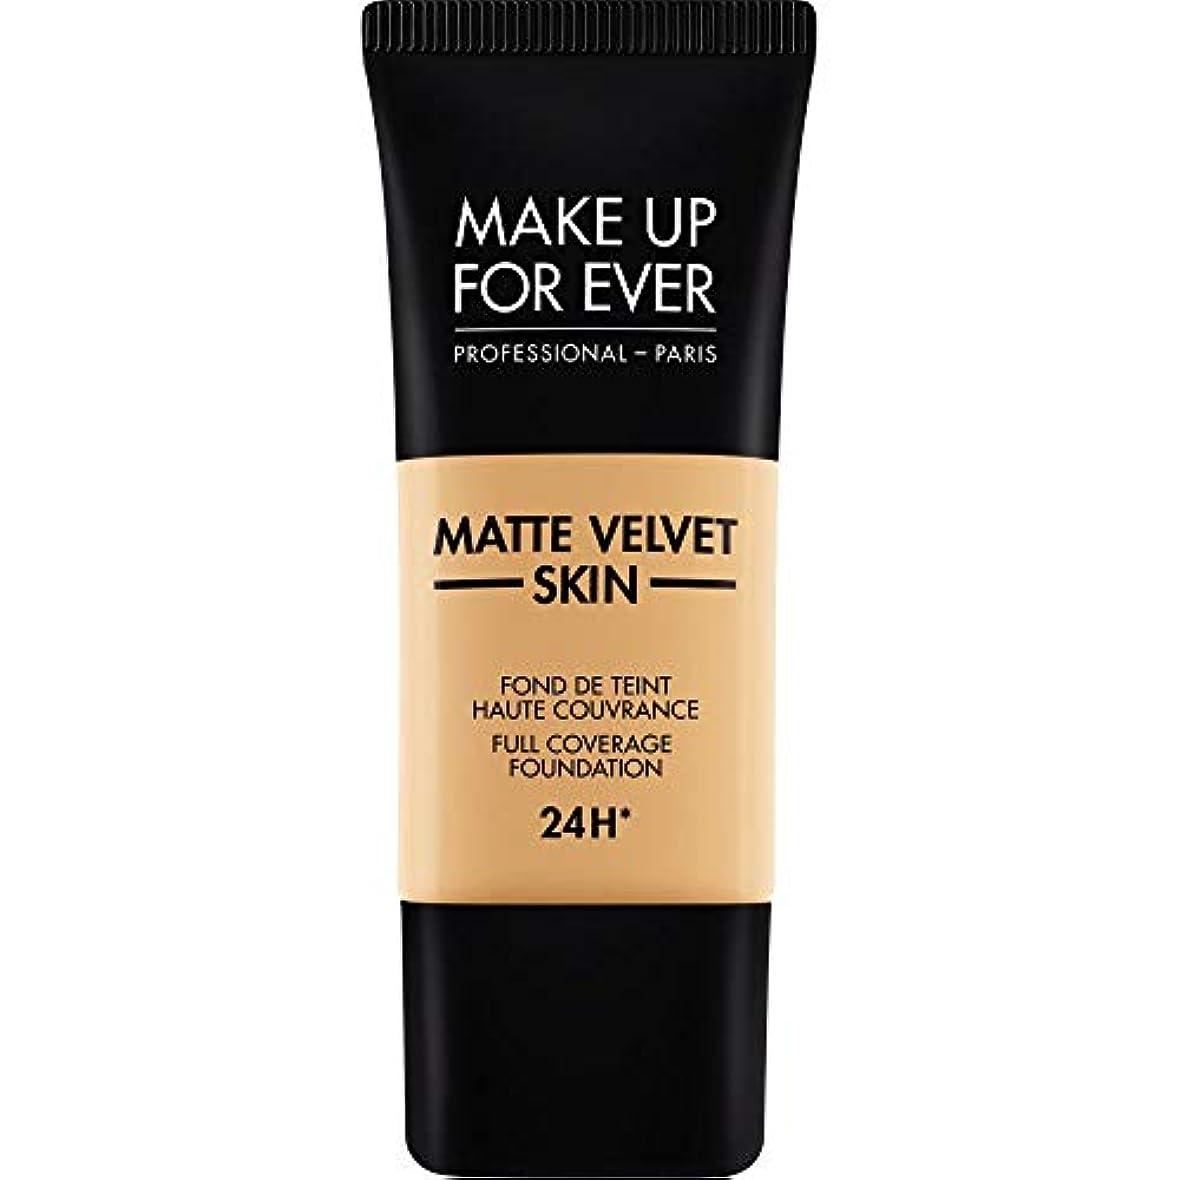 パズルチャレンジ暗殺する[MAKE UP FOR EVER] これまでマットベルベットの皮膚のフルカバレッジ基礎30ミリリットルのY365を補う - 砂漠 - MAKE UP FOR EVER Matte Velvet Skin Full Coverage...